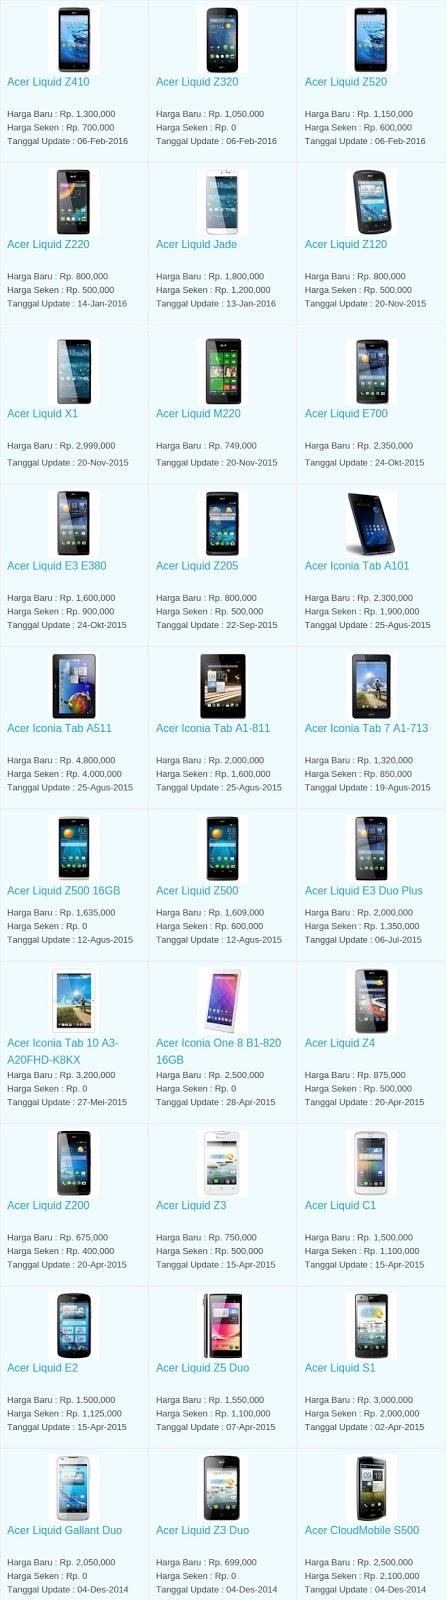 Daftar Harga Terbaru Hp Acer Maret 2016